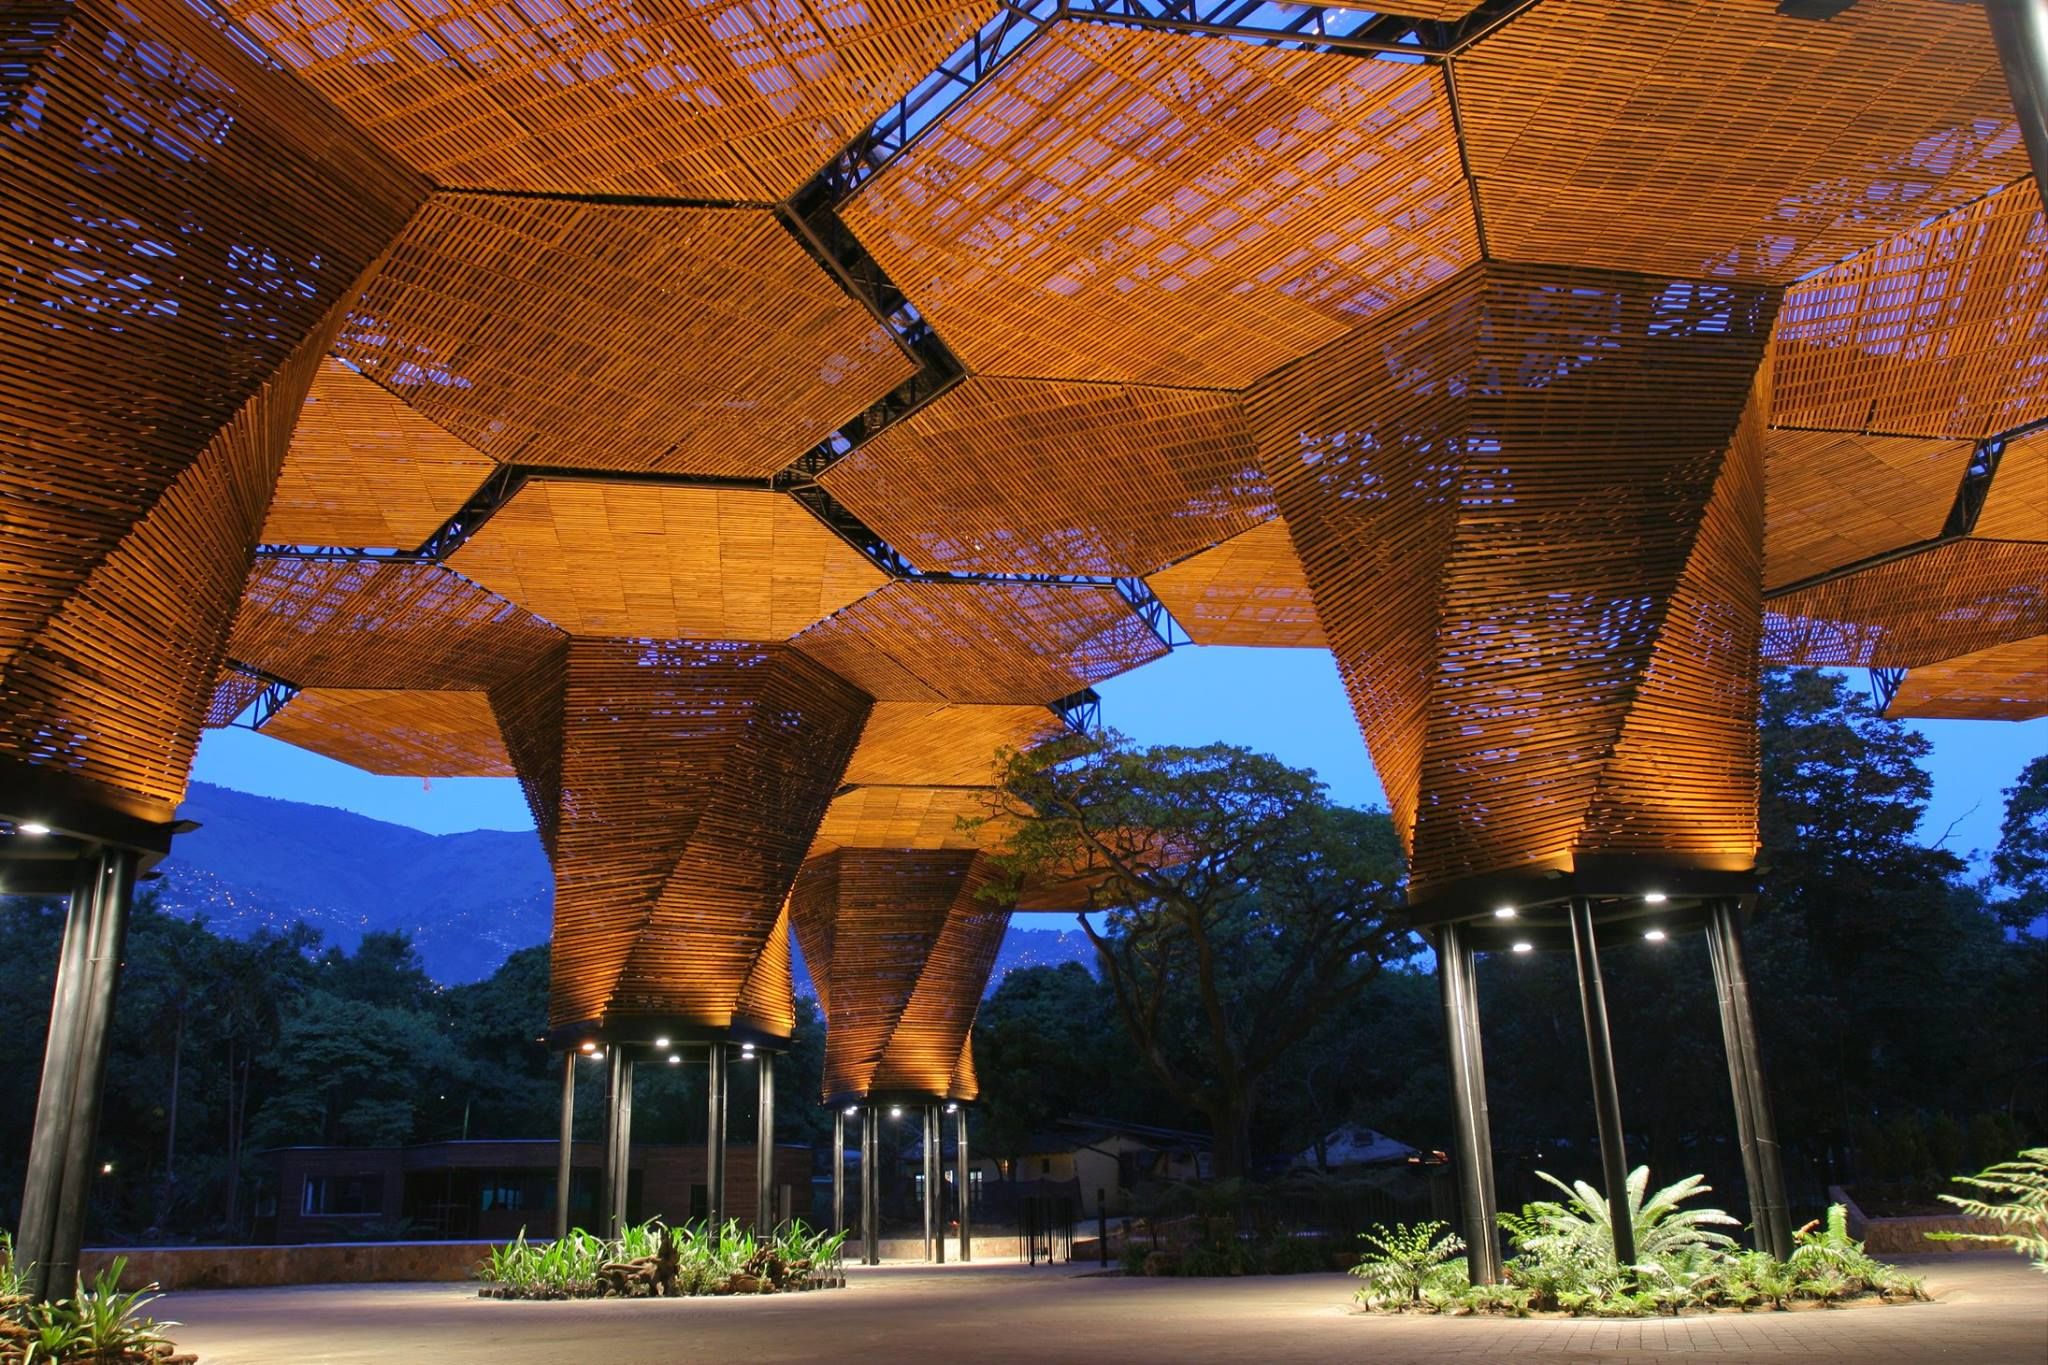 El dise o biof lico el poder de la arquitectura y la - Que es un porche en arquitectura ...